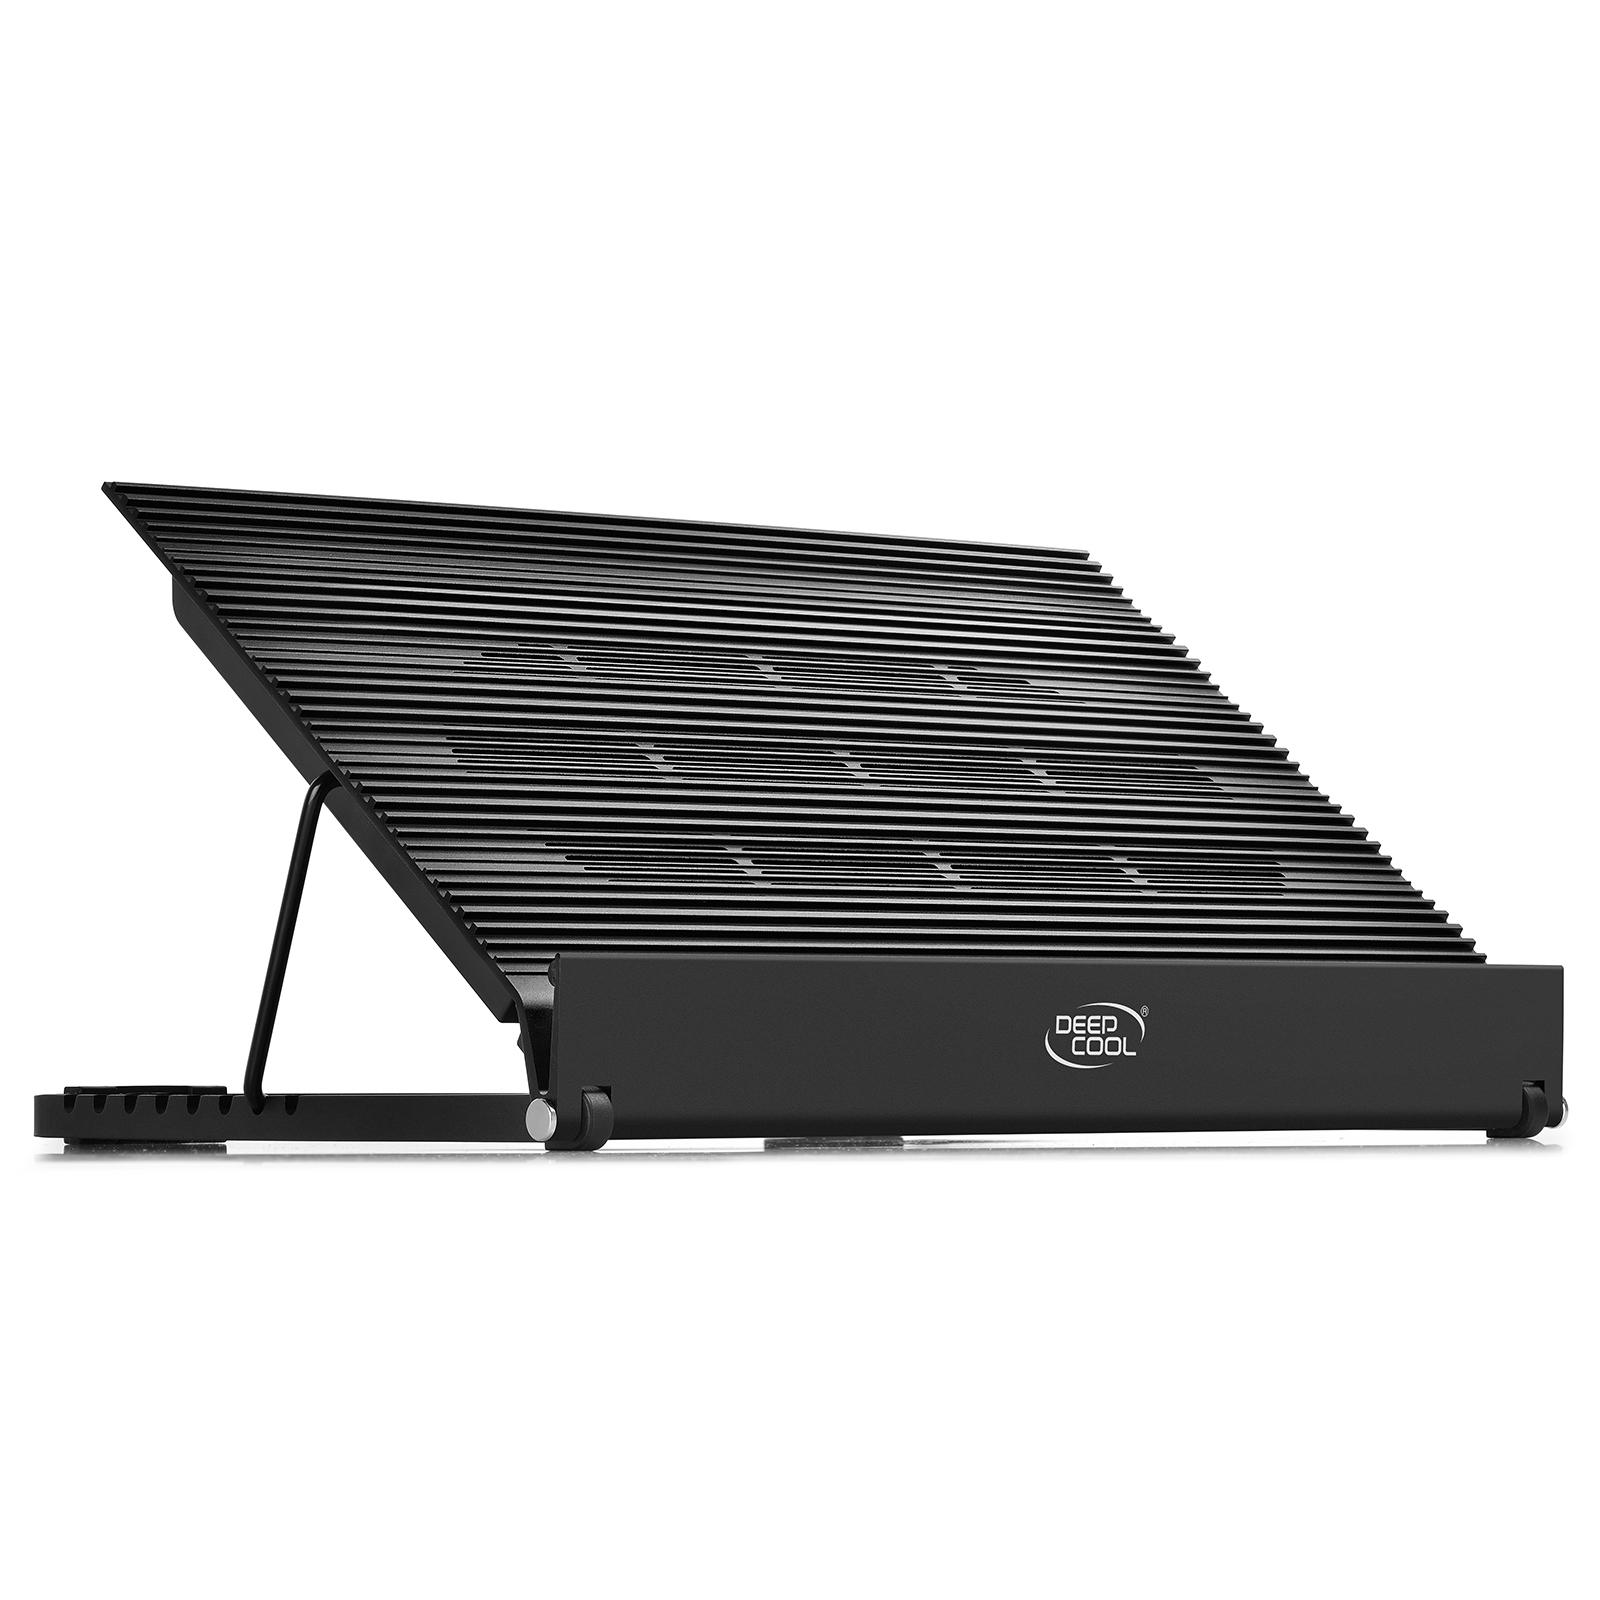 """Подставка для ноутбука Deepcool 17"""", металл, 360X272х45мм (N9EX) изображение 2"""